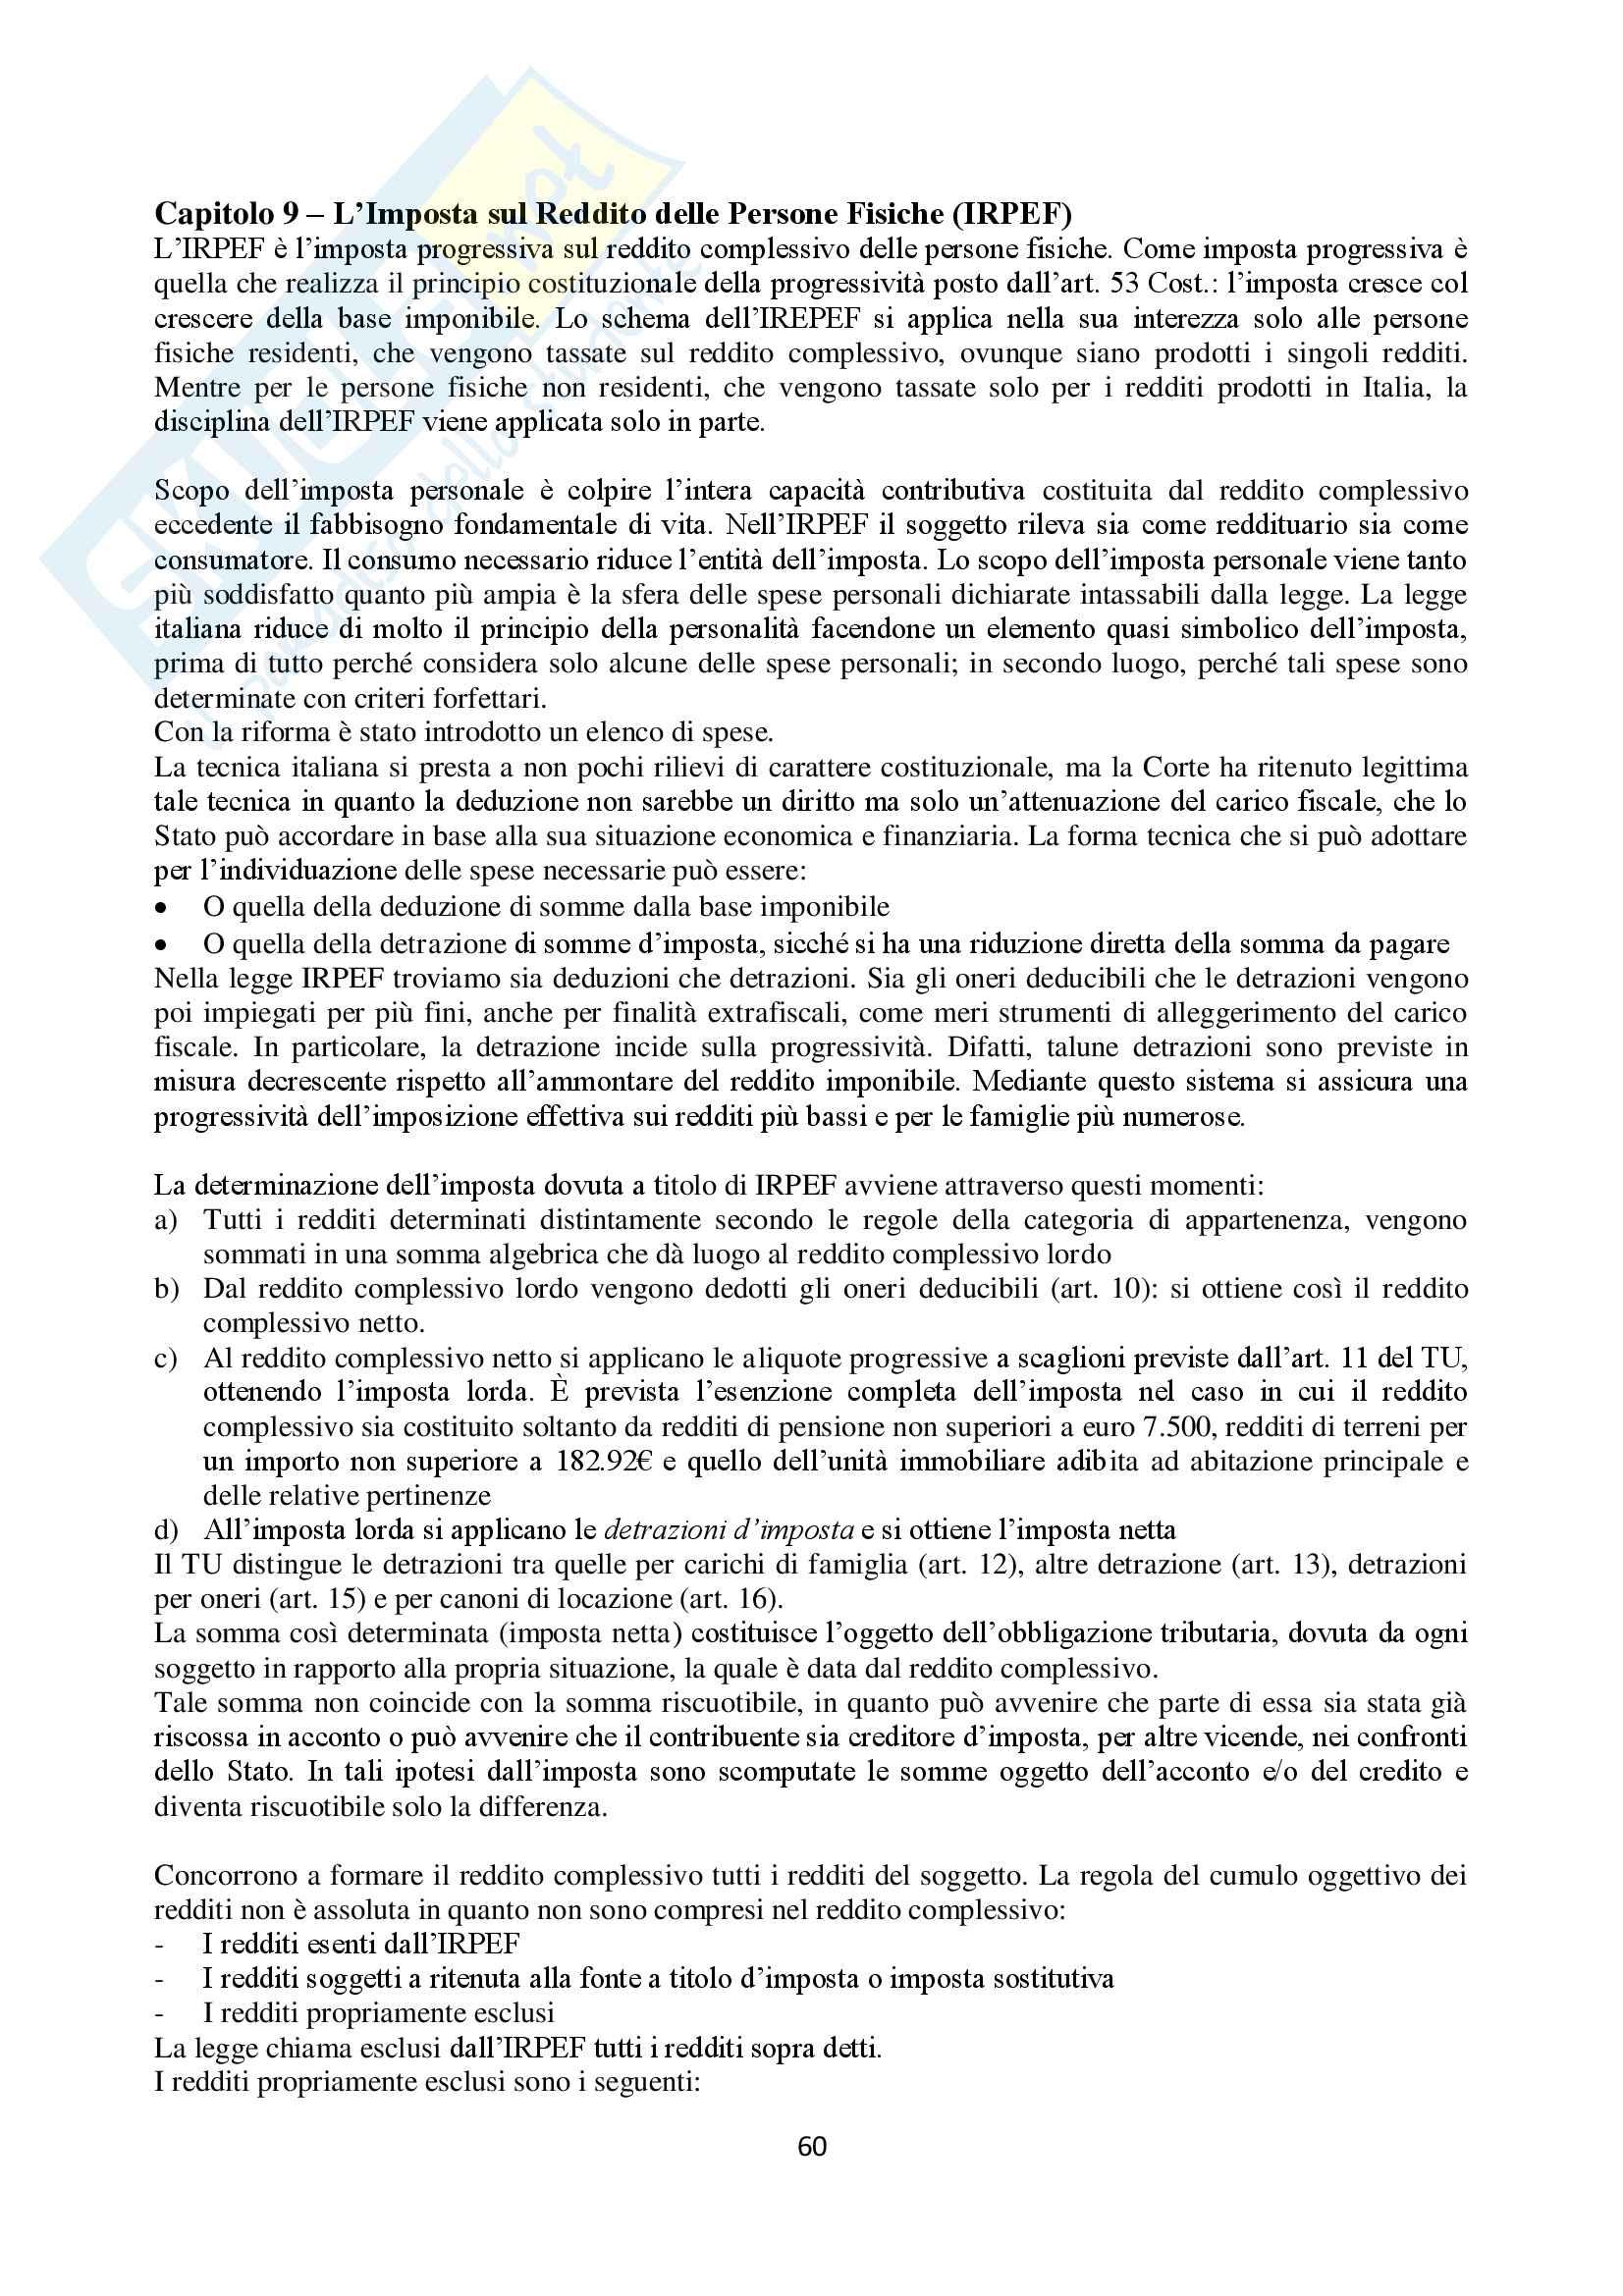 Appunti Diritto Tributario Pag. 61